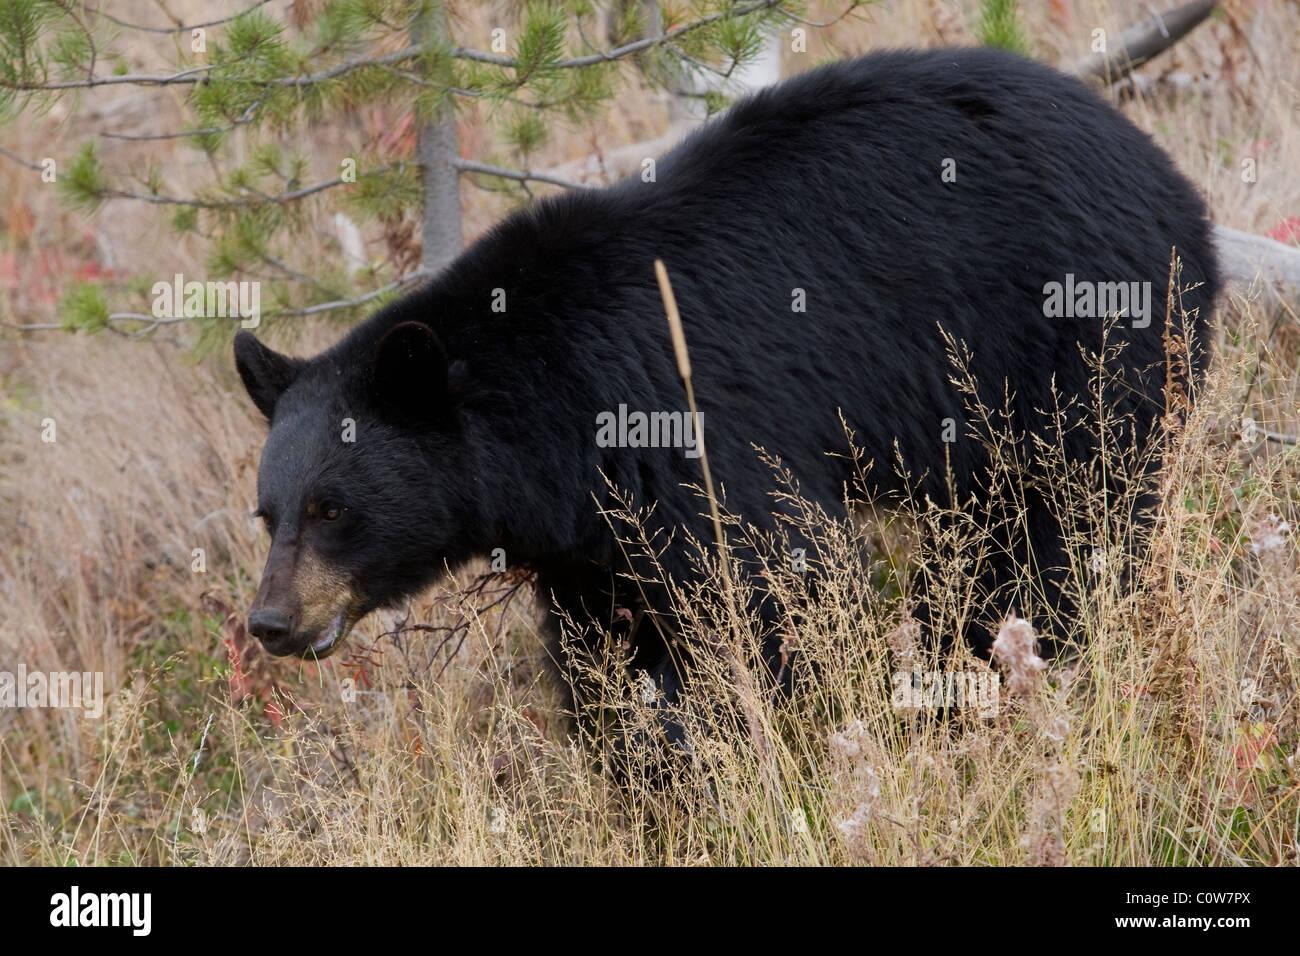 Black Bear - Oak woodland - Stock Image